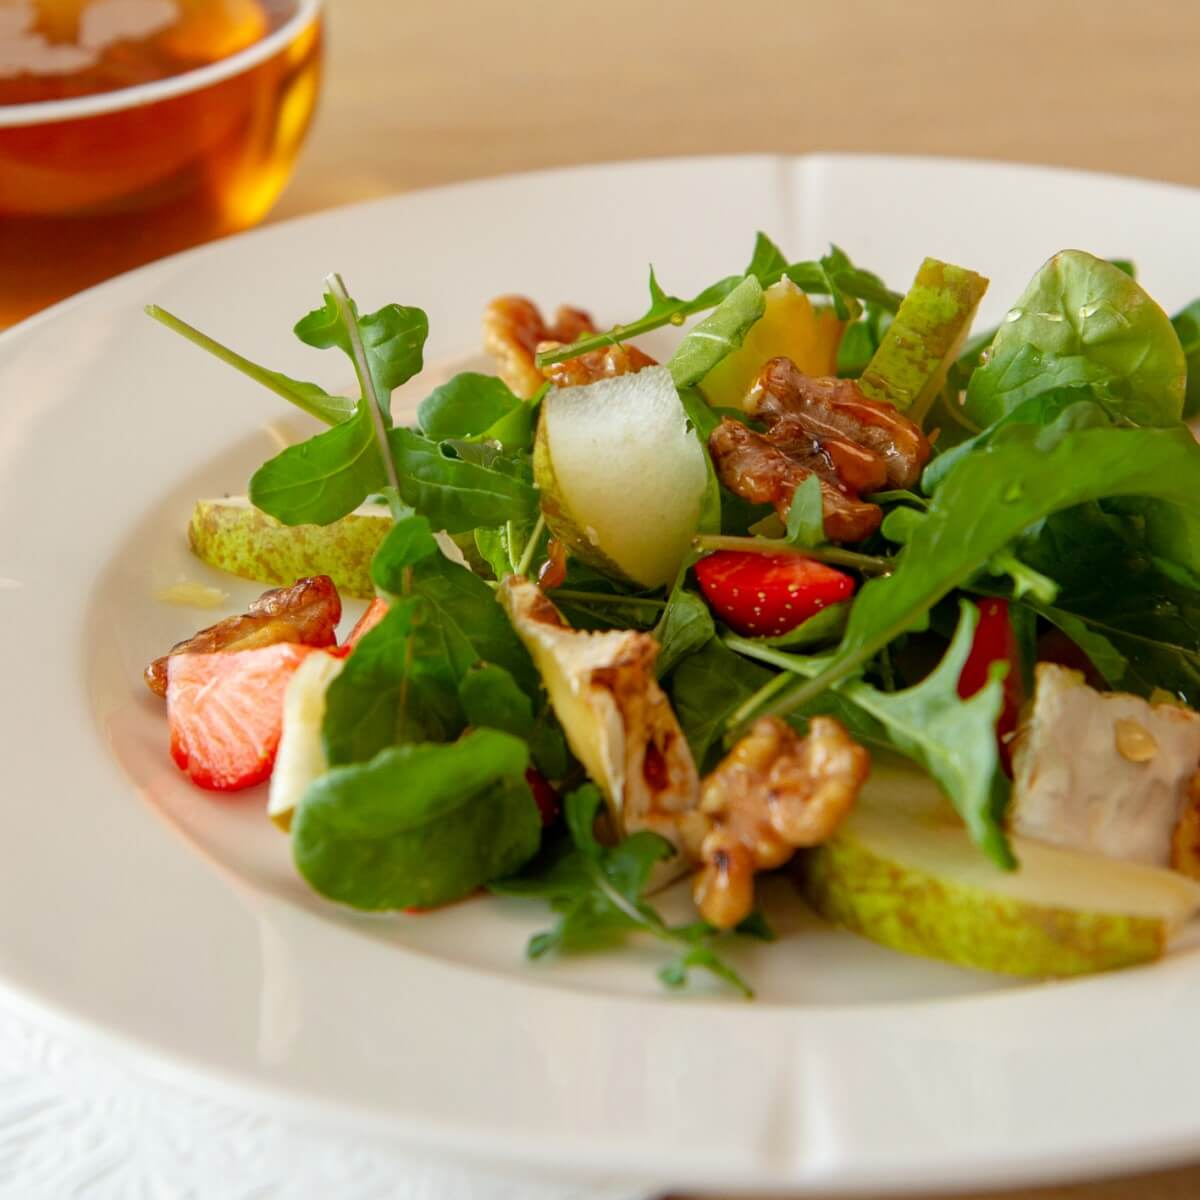 Ruccolasalat med pærer, chevre og honningglassert valnøtter